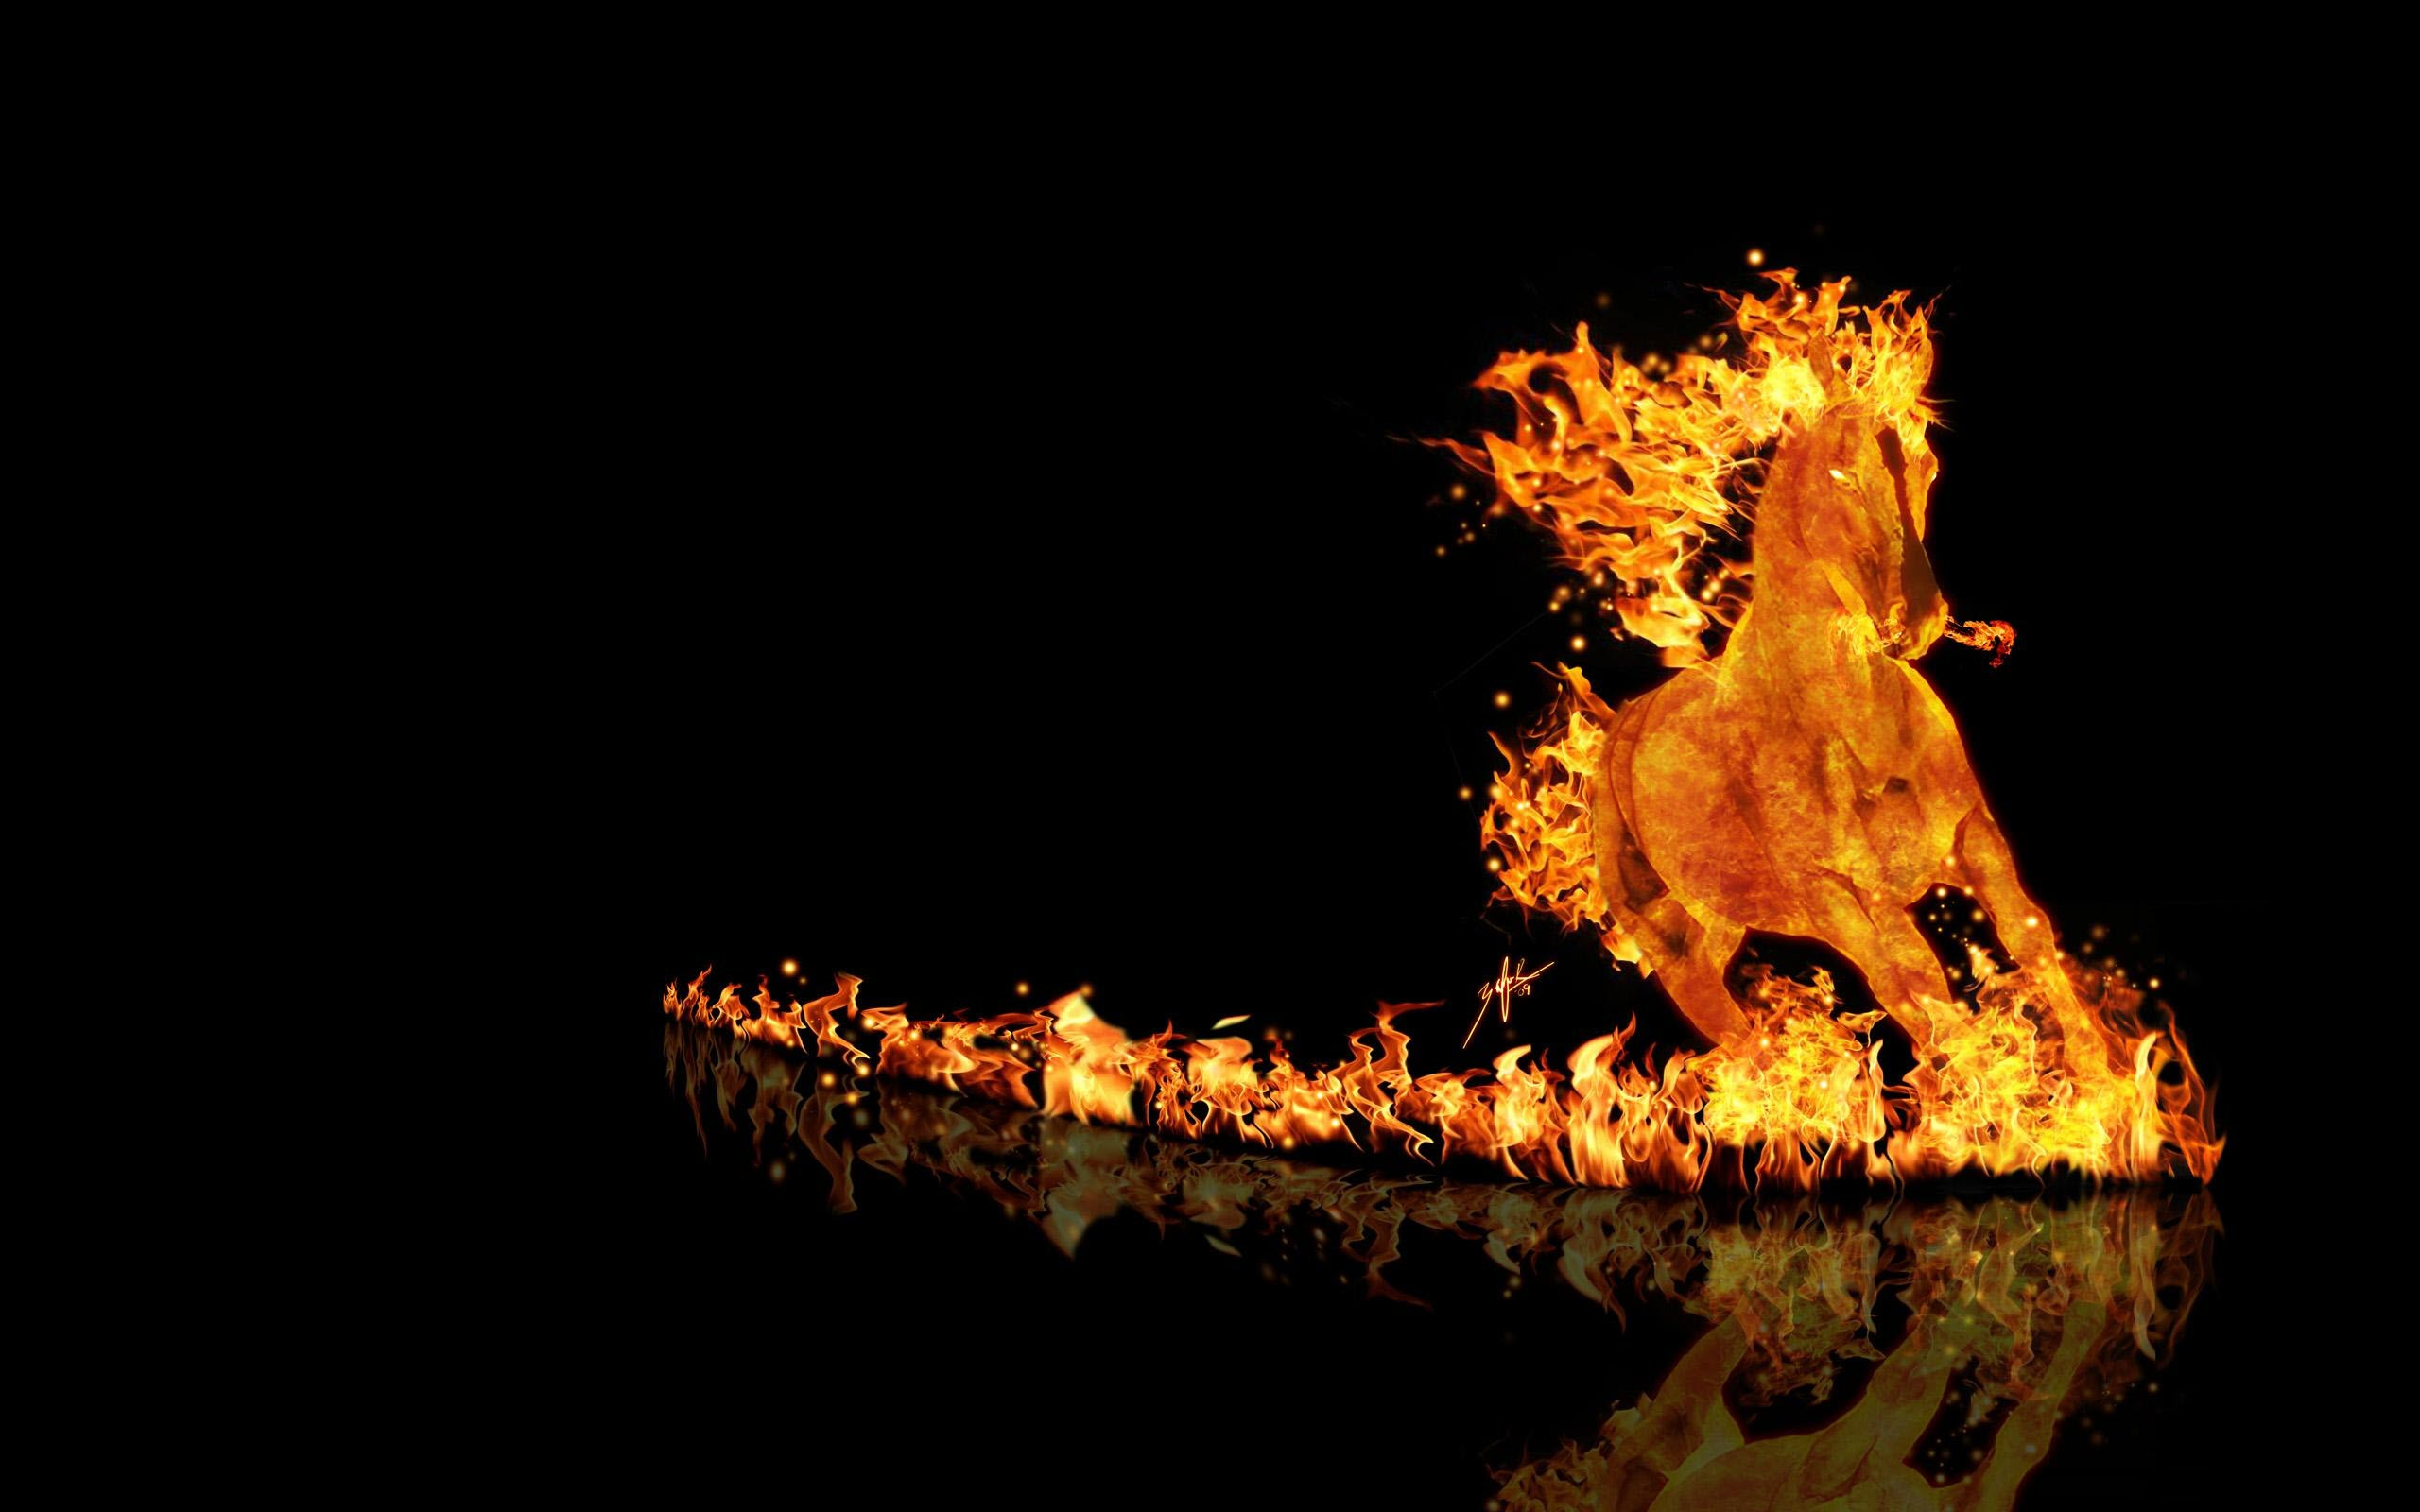 Hình nền đại bàng lửa